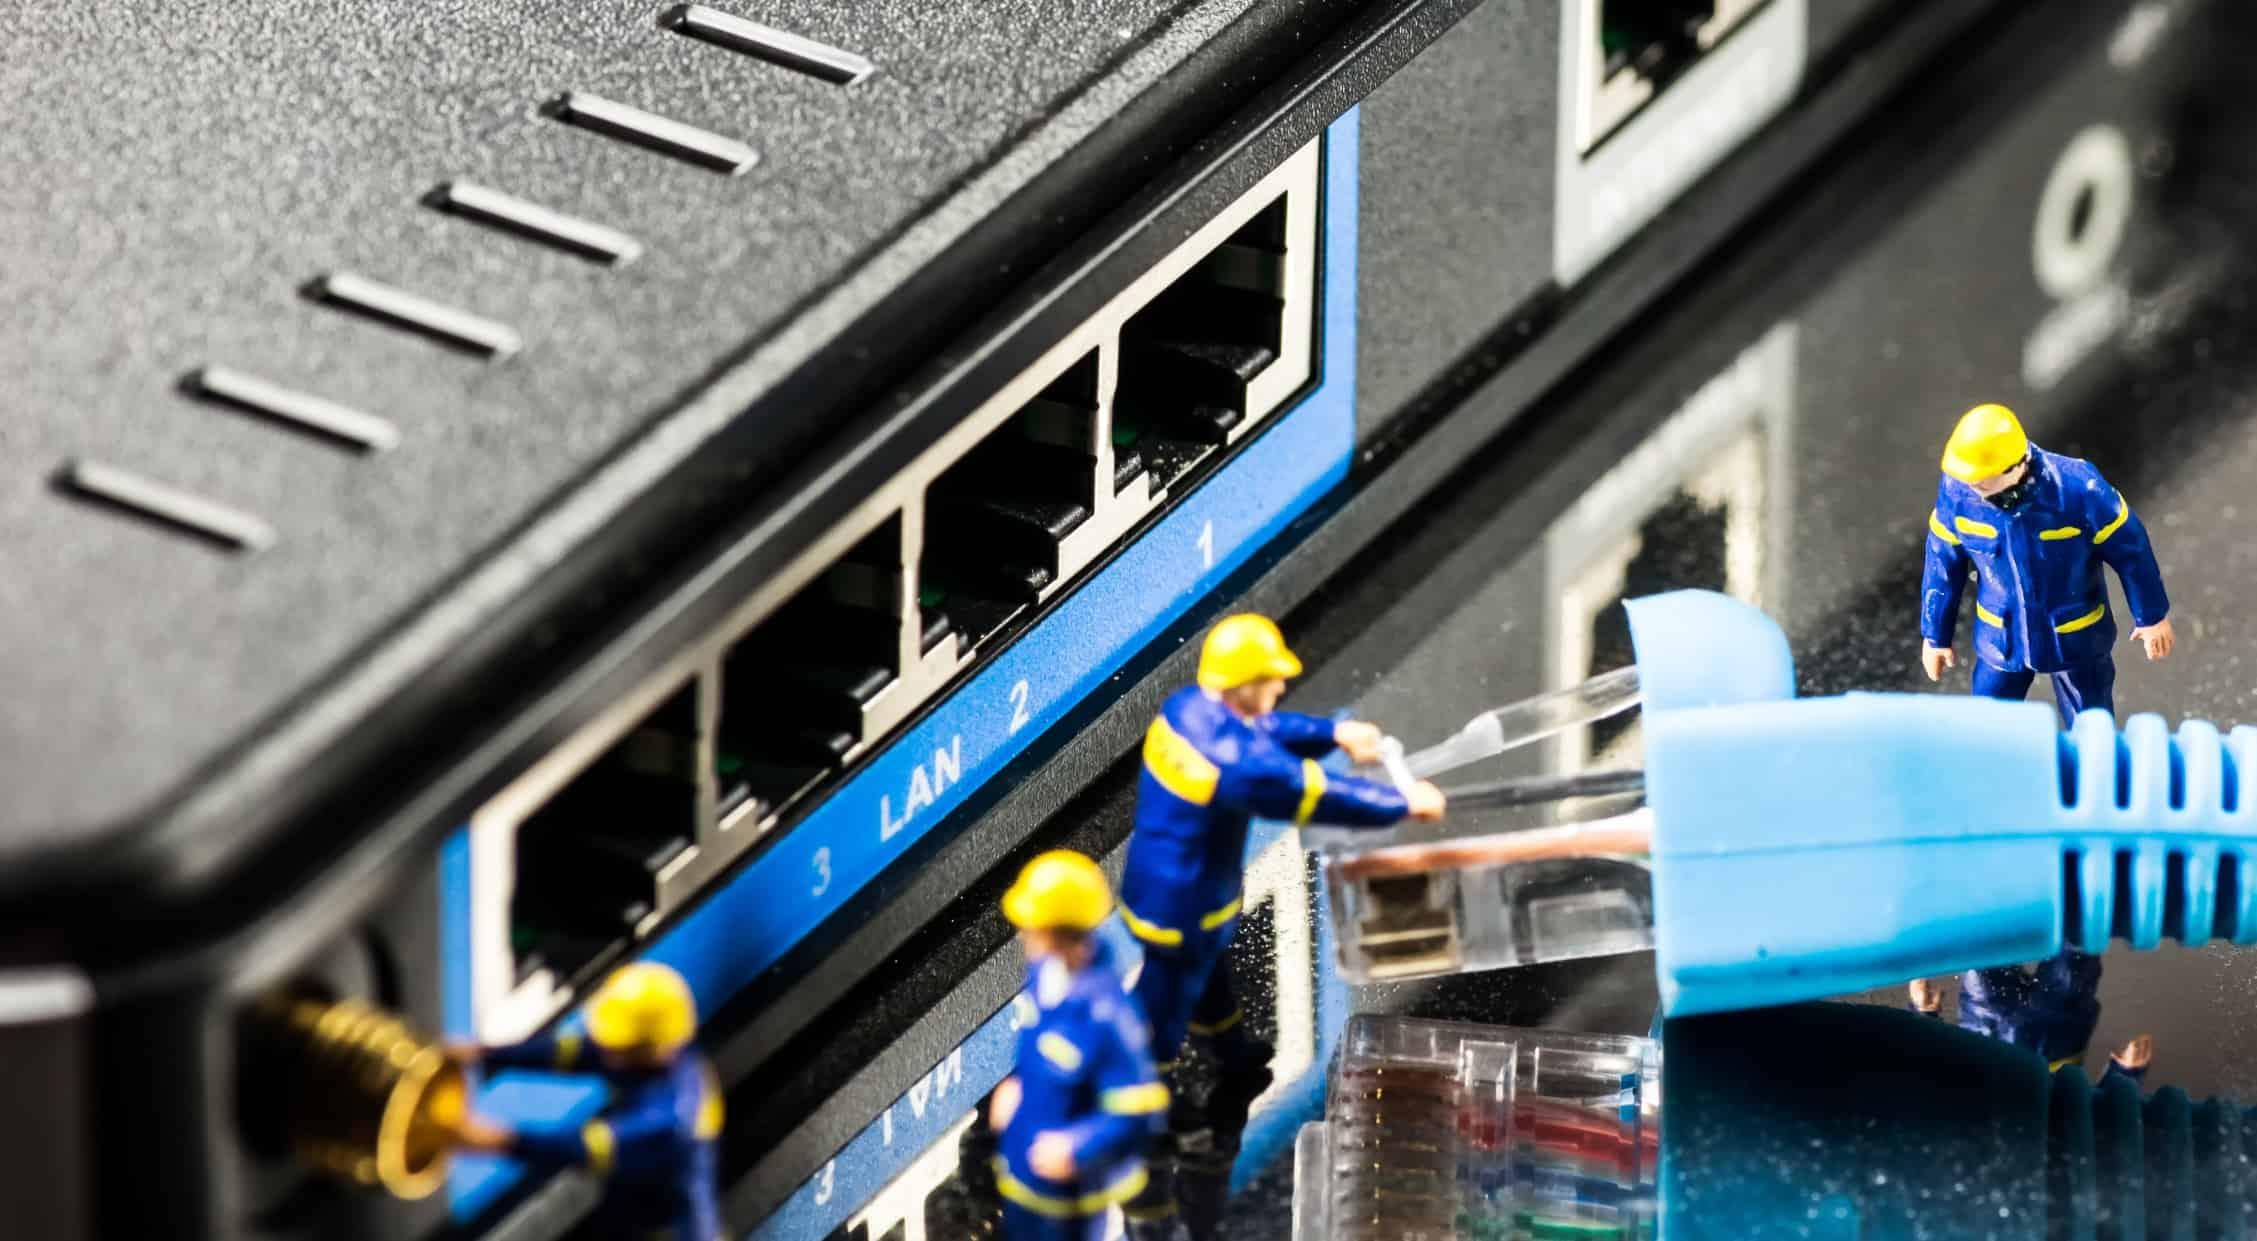 Miglior router 4G 2020: Guida all'acquisto